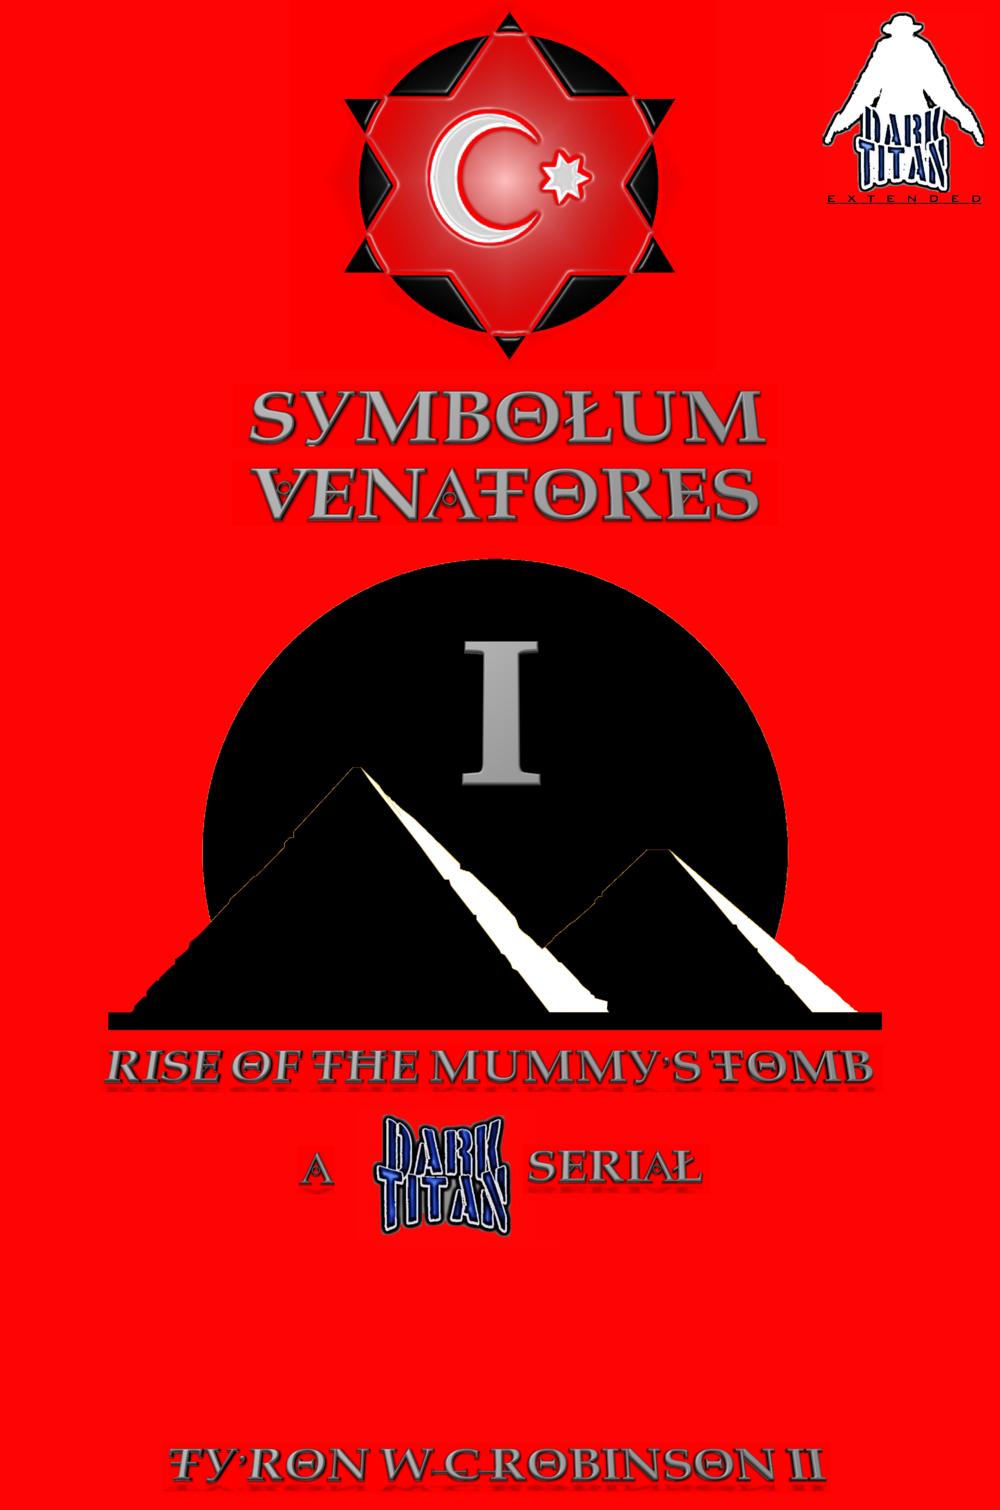 Symbolum Venatores - 1 Cover.png